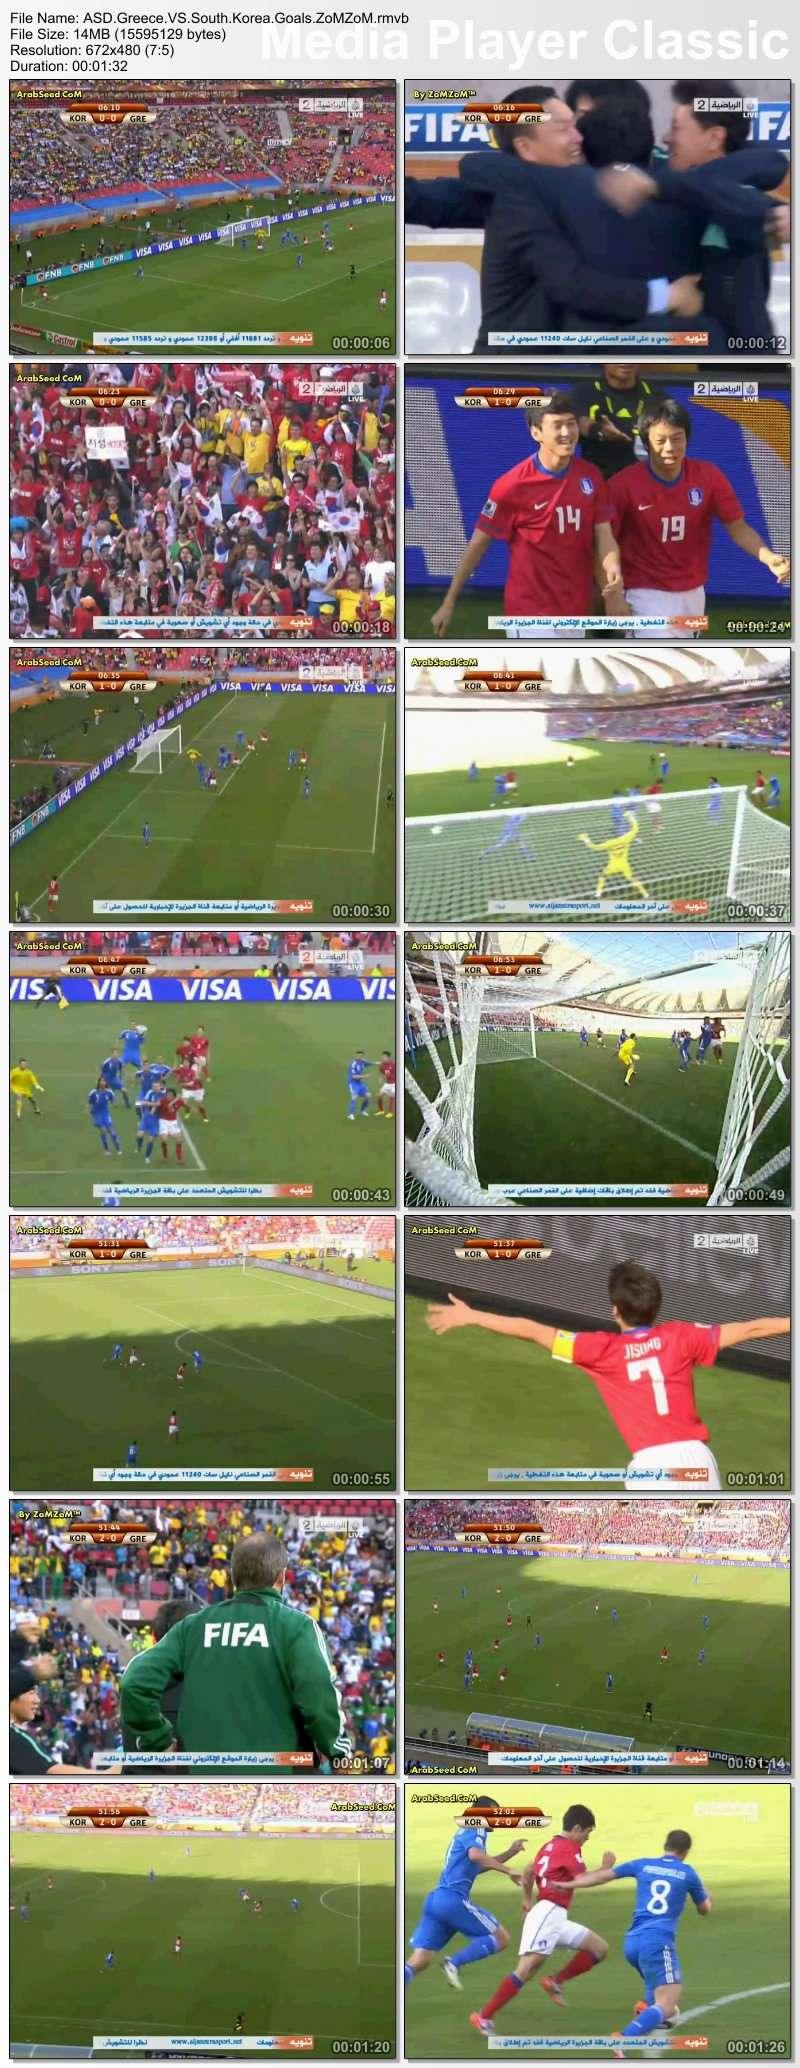 أهداف مباراة كوريا الجنوبية واليونان المجموعة الثانية العالم